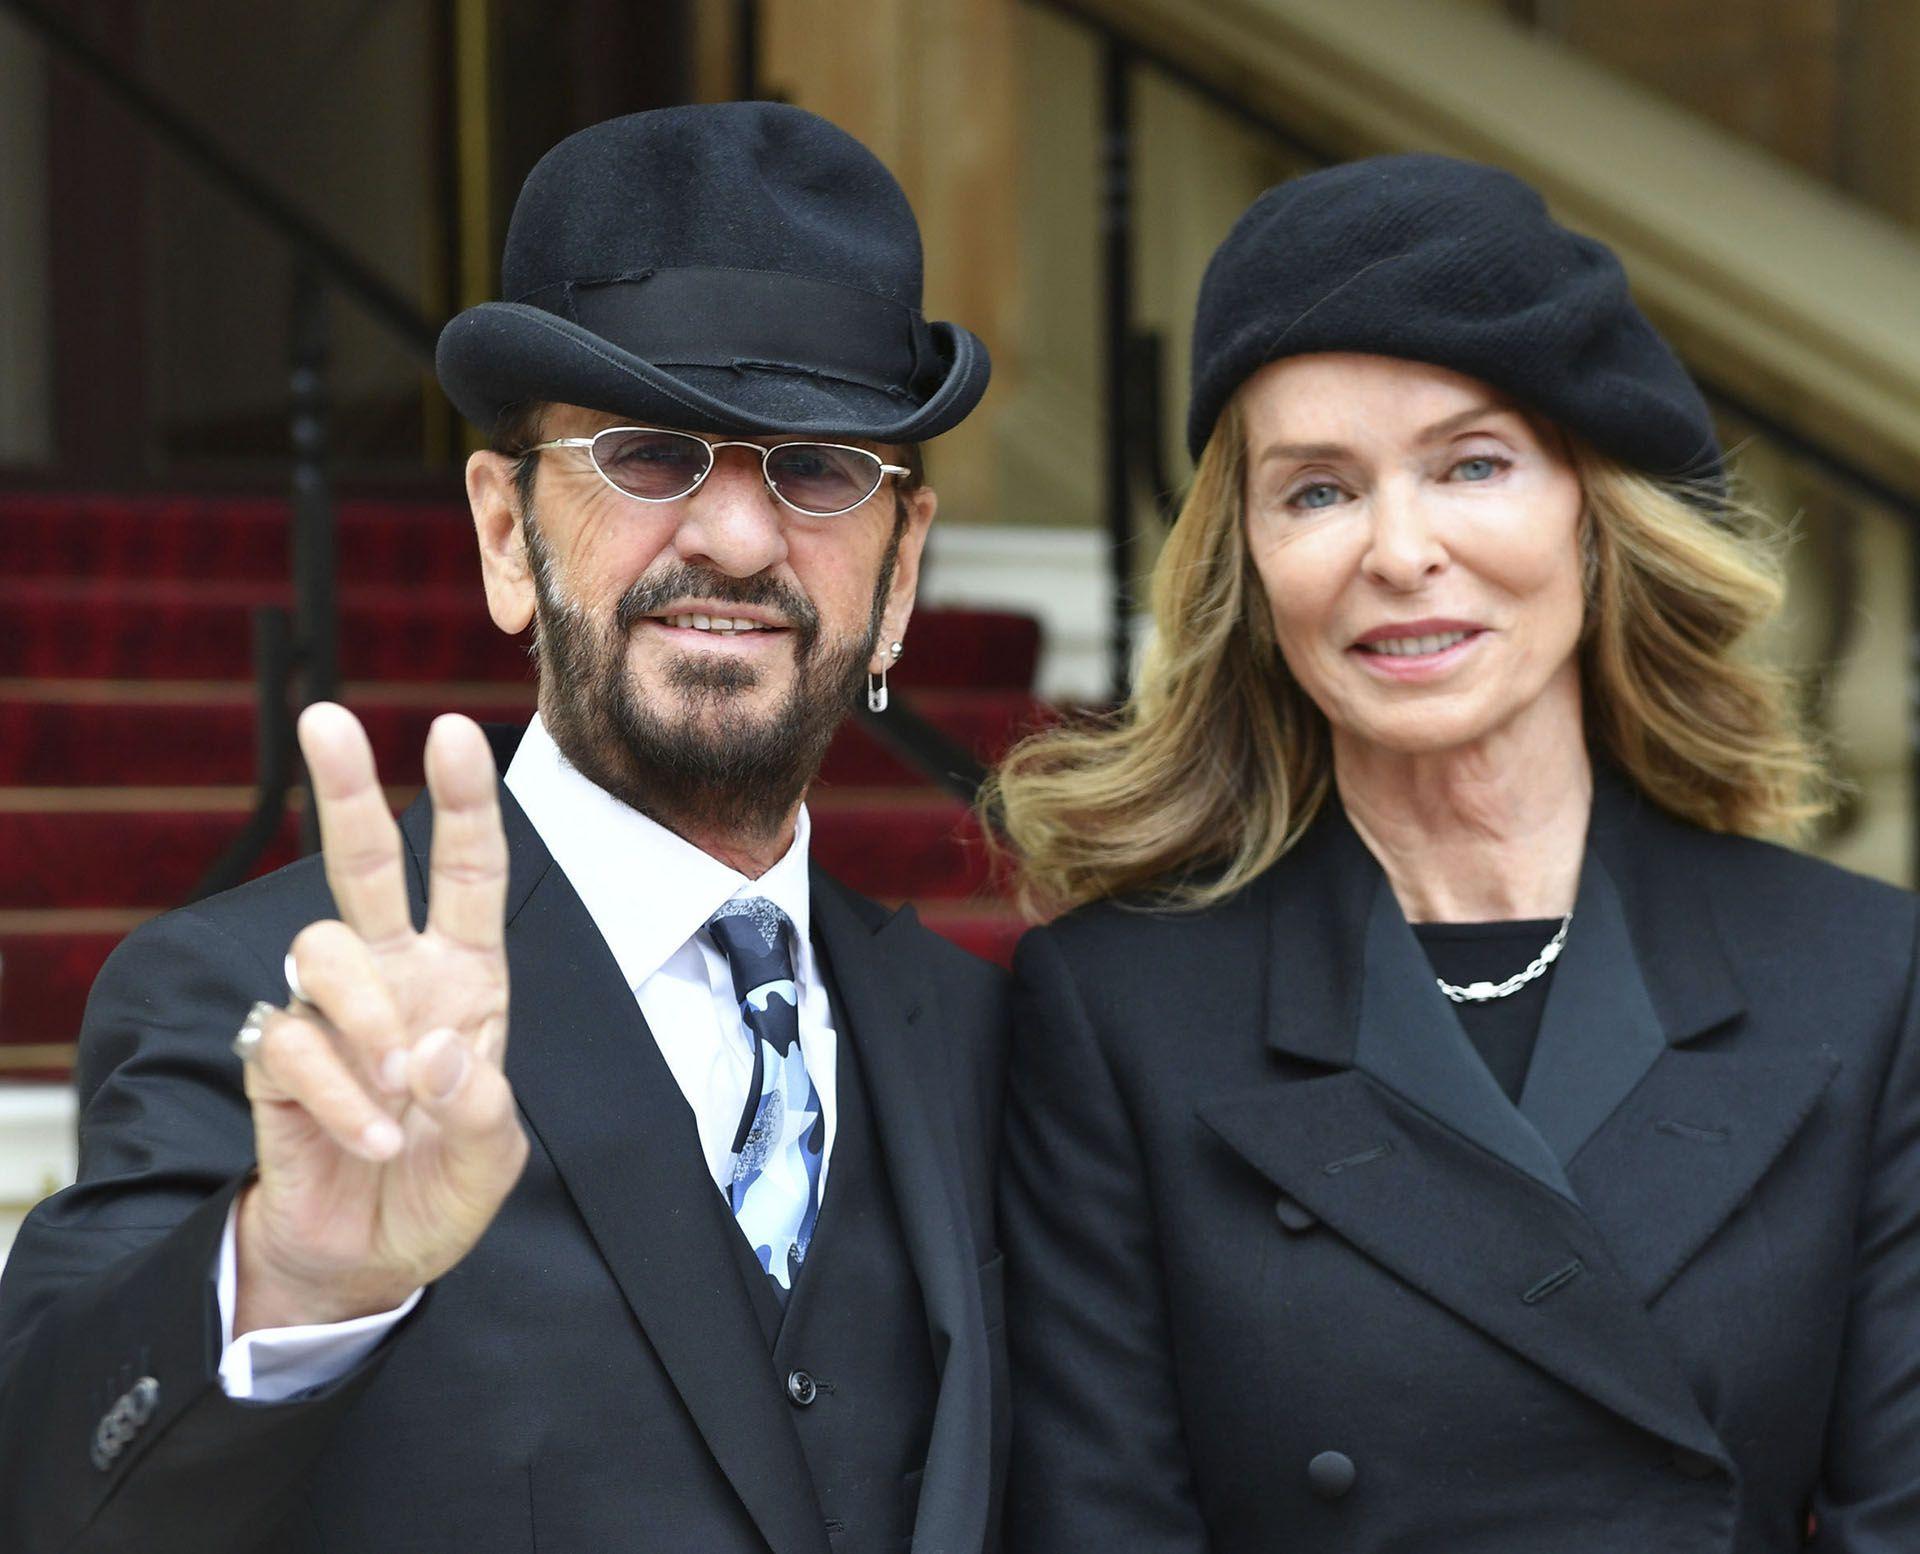 2018. Ringo Starr con su esposa Barbara Bach en el Palacio de Buckingham (AP Photo/John Stillwell/Pool Photo via AP)